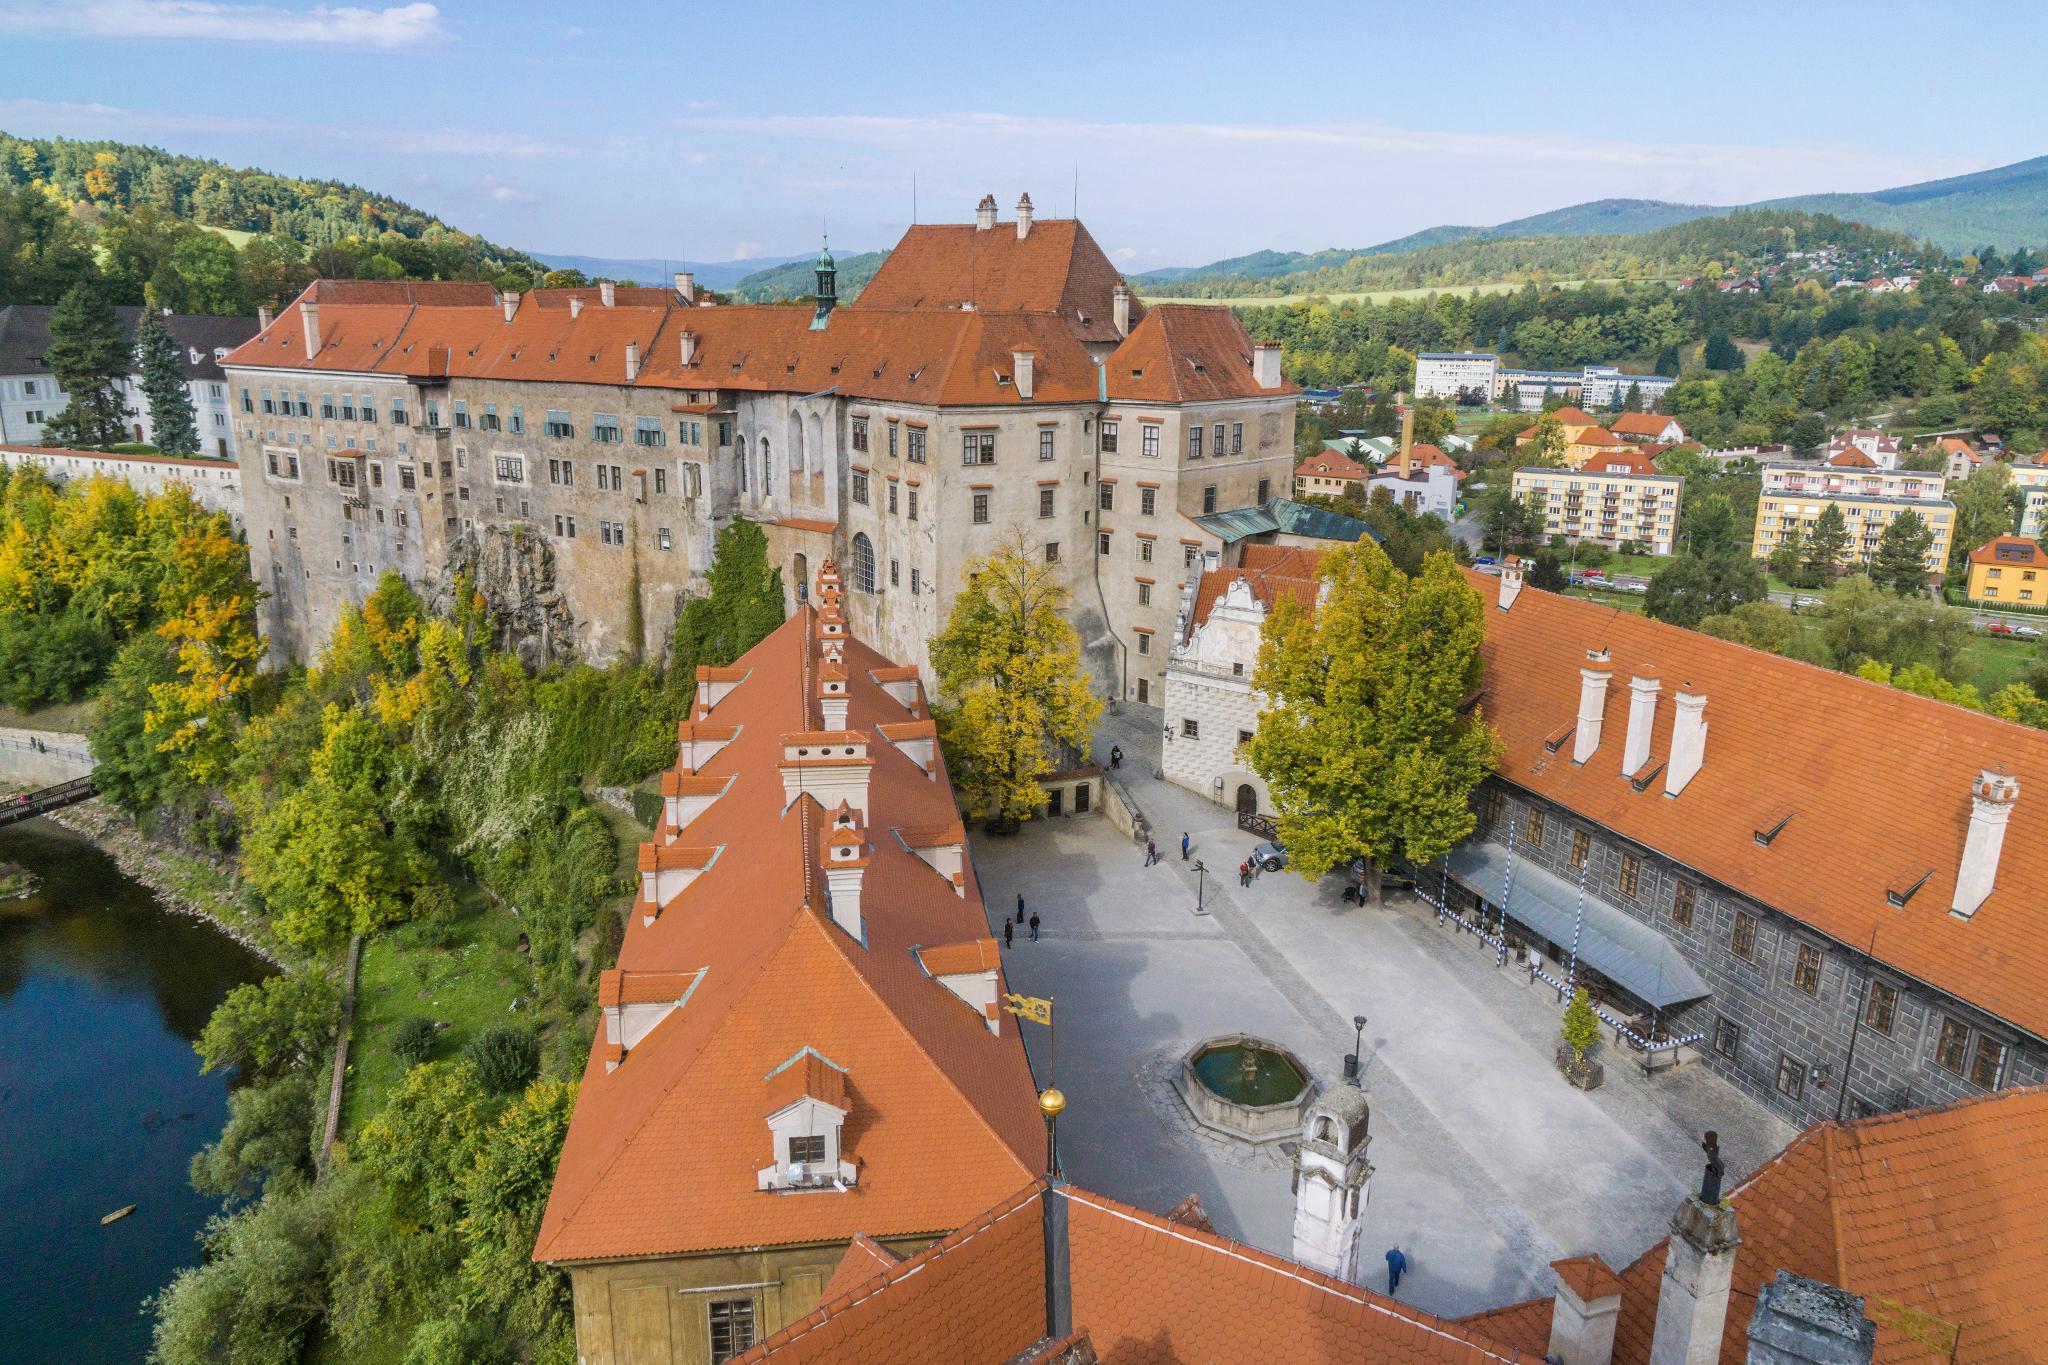 【捷克】穿越時空的波希米亞狂想曲 — Český Krumlov Castle 庫倫諾夫城堡